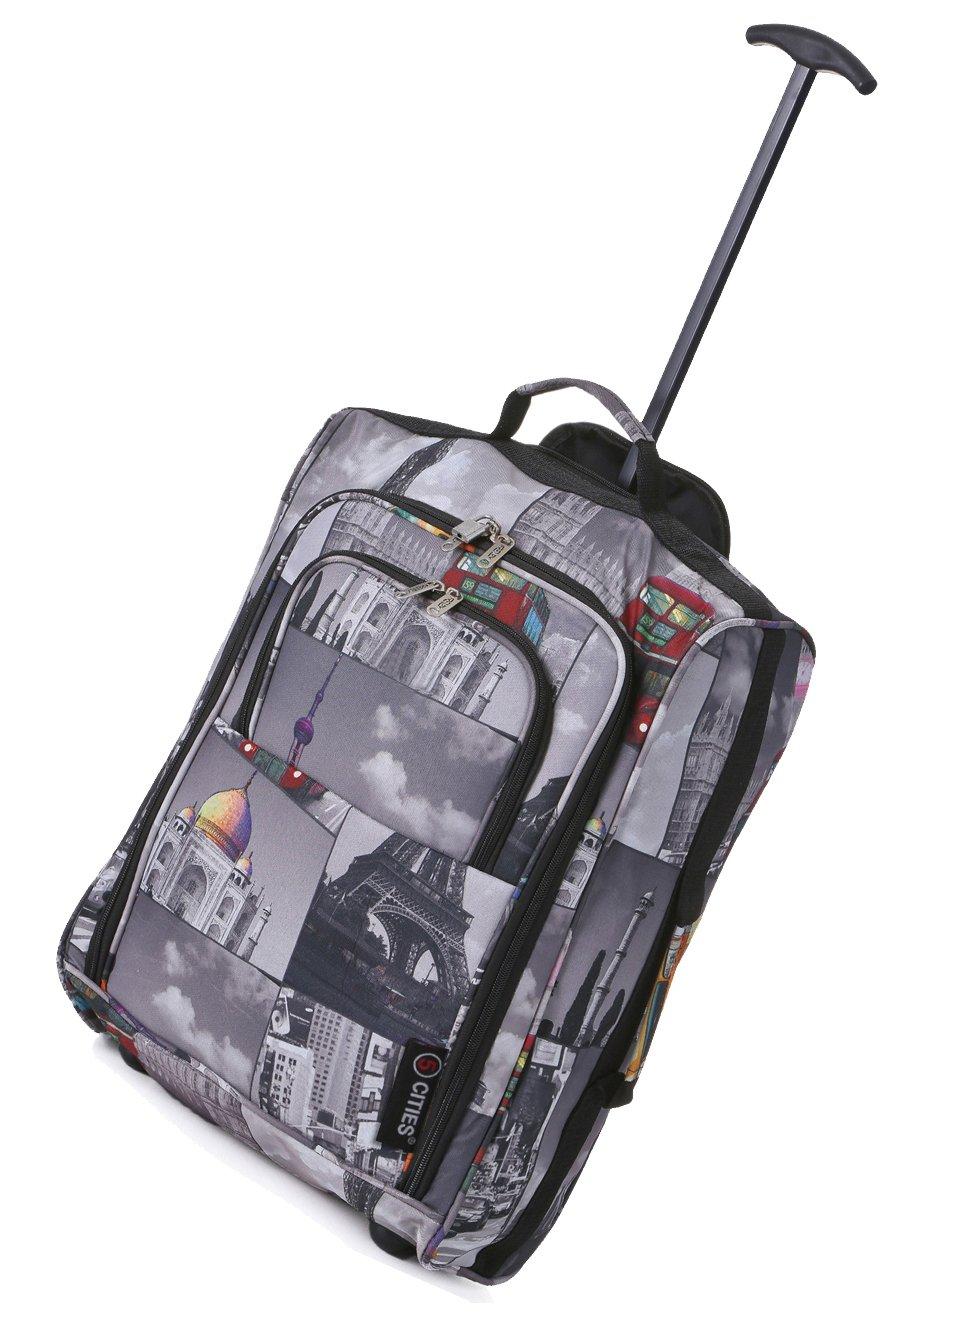 5 Cities 42L Leichtes Trolley-Tasche Bordgepäck Kabinengepäck 2 Rädern Kabinenzugelassenes Handgepäck für Lufthansa, Ryanair, EasyJet (Städte)